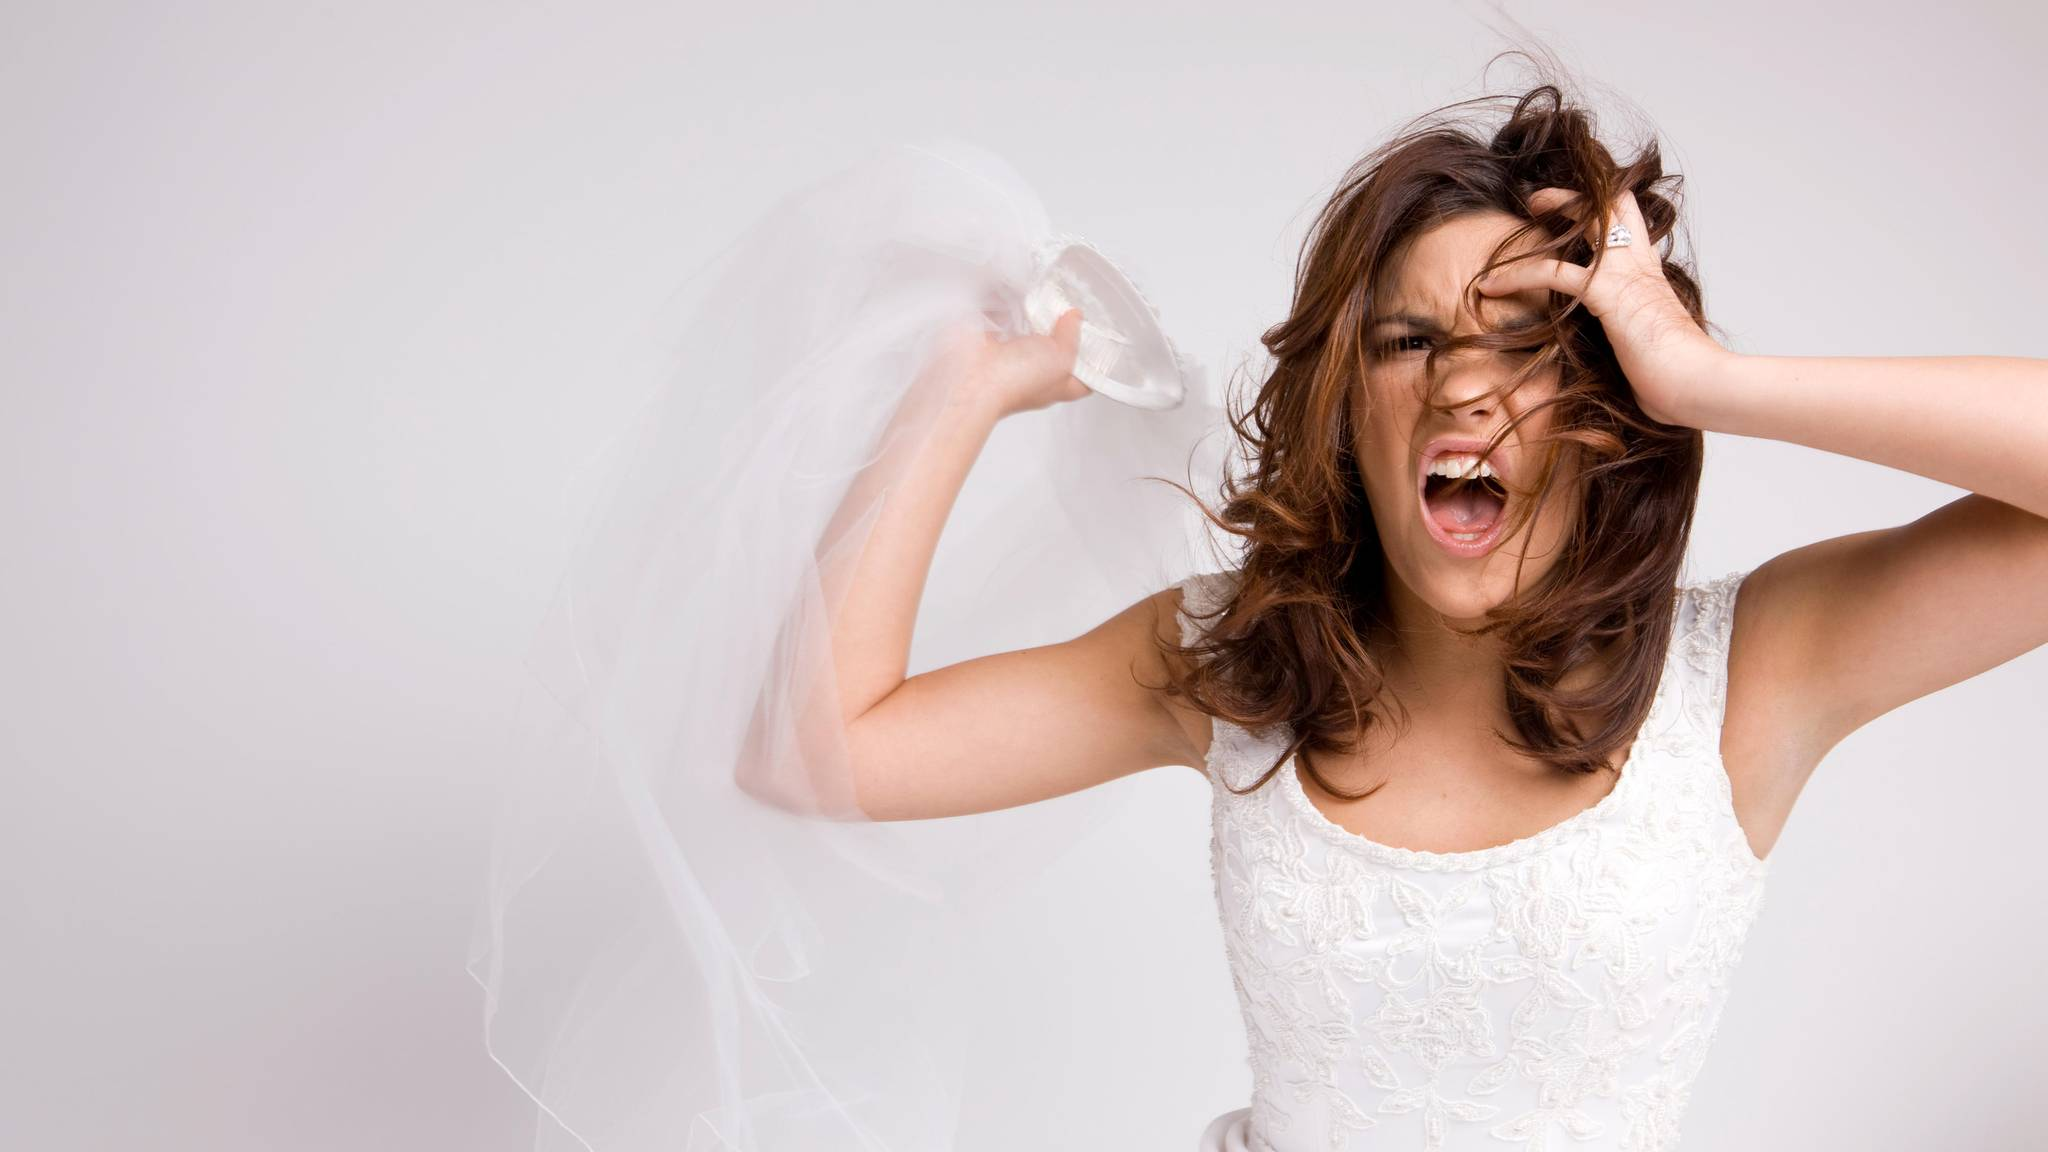 Anderungen Nach Der Hochzeit Was Andert Sich Verti